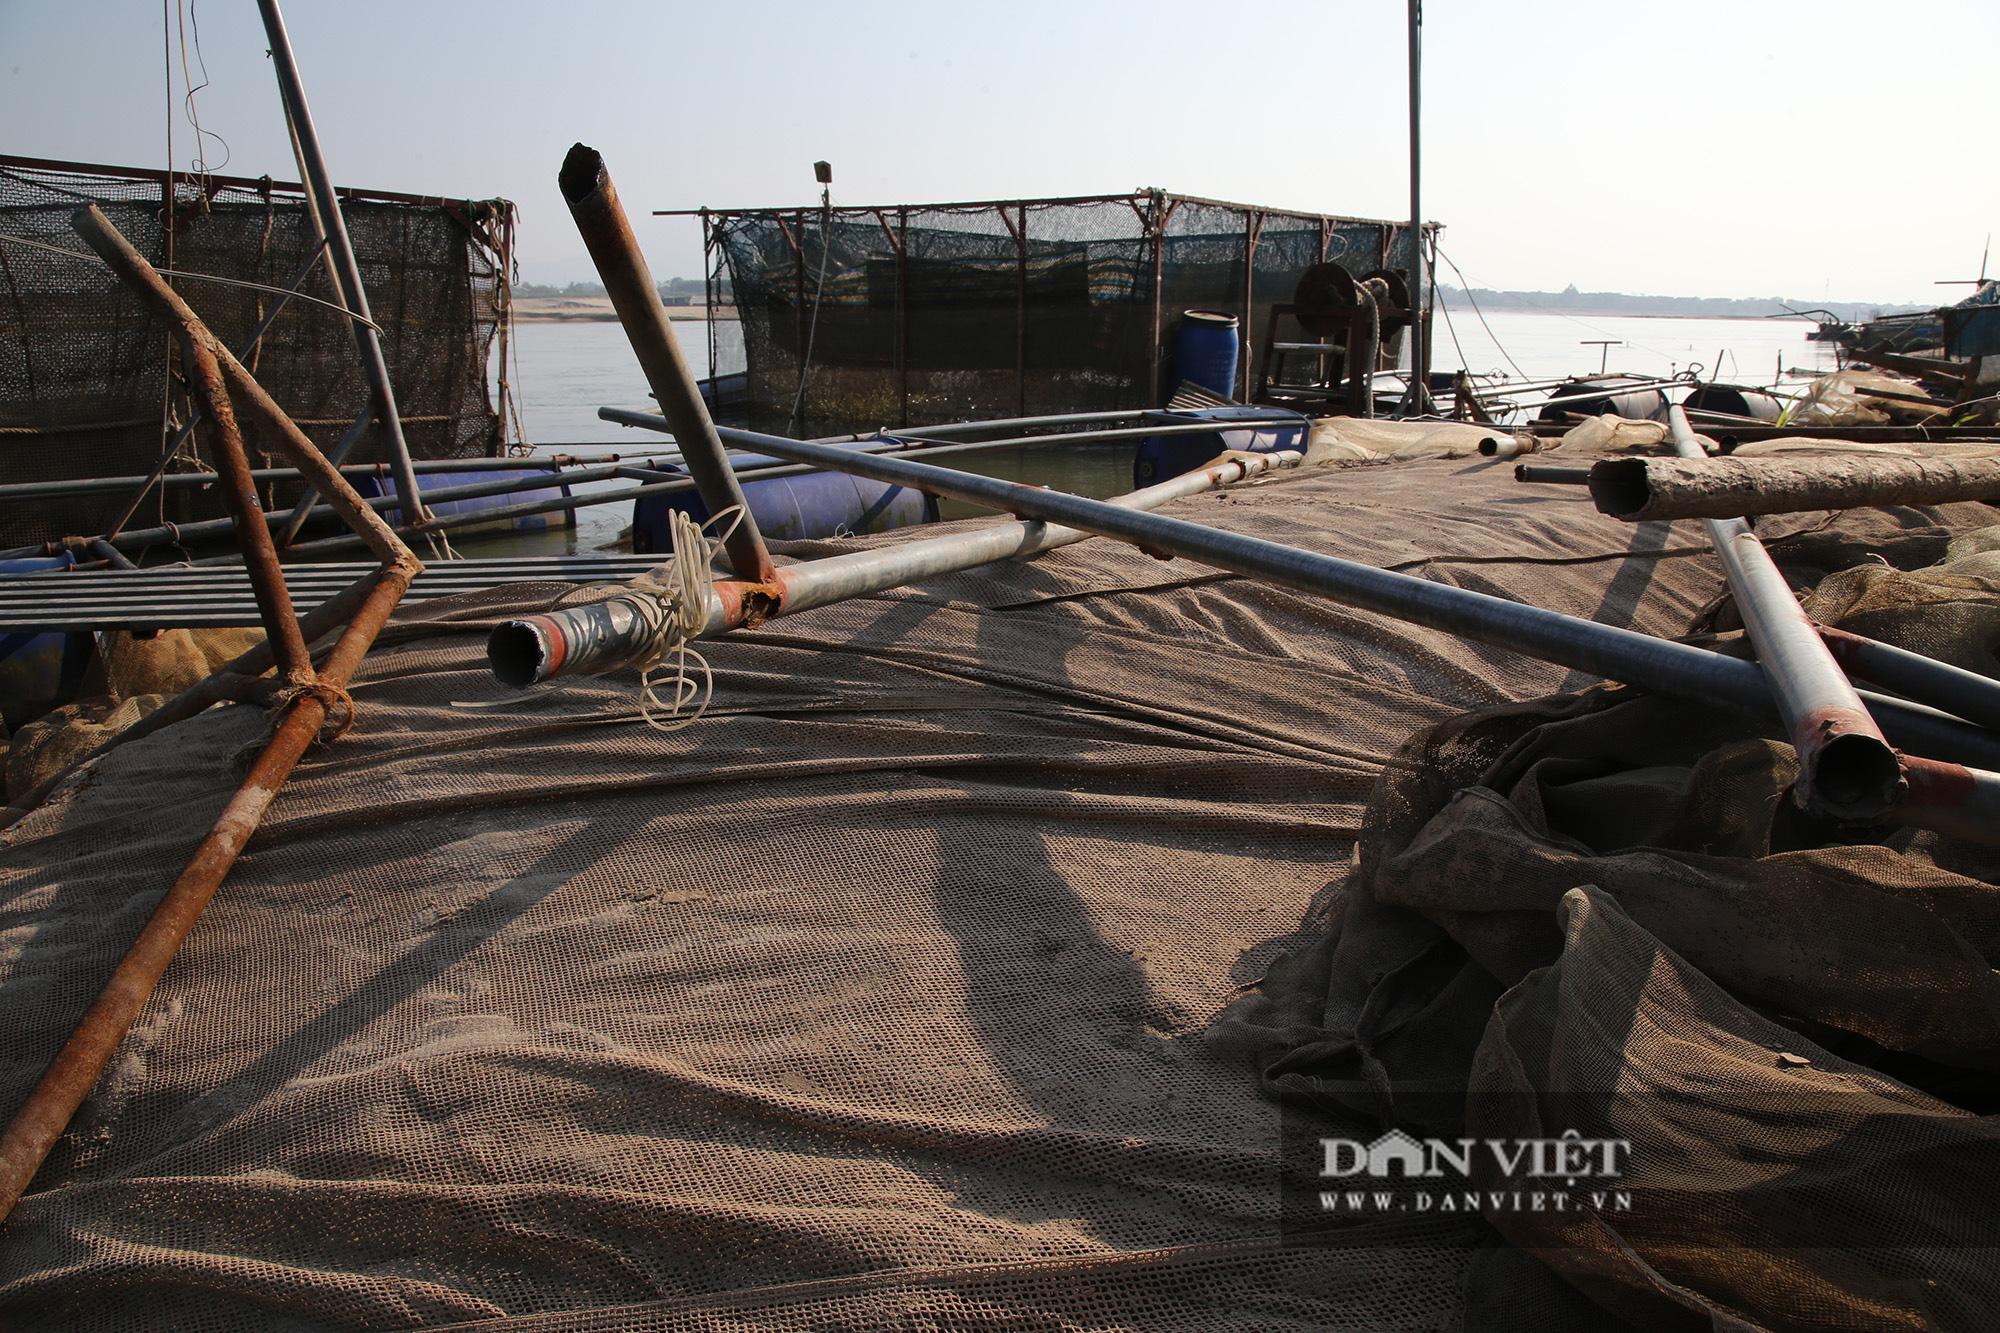 Dân nuôi cá trên sông Đà hút cát để cứu cá do nước sông cạn - Ảnh 7.